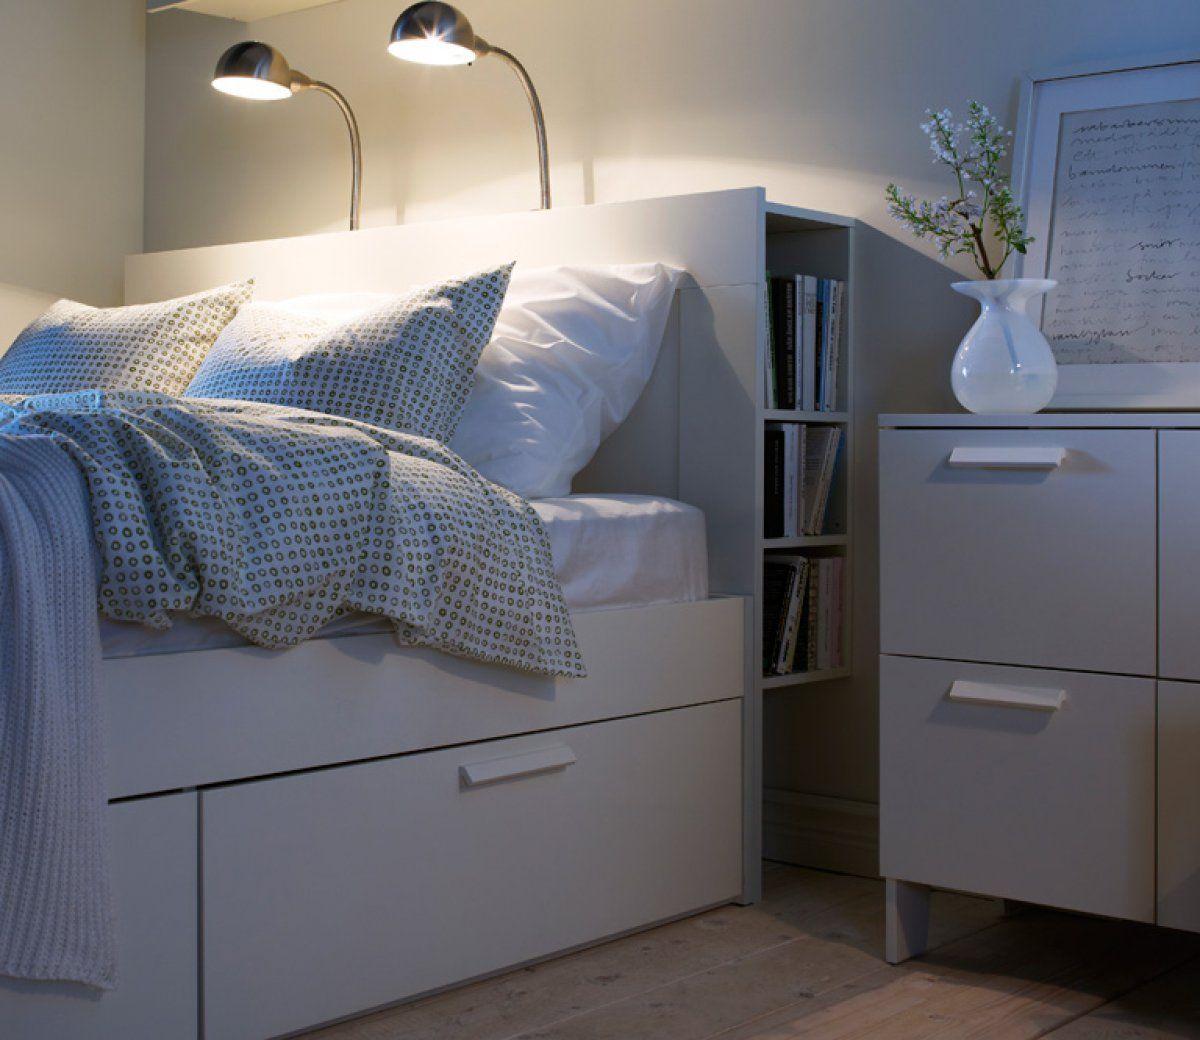 """Bett """"Brimnes"""" bei Ikea   Wohnen, Schöner wohnen, Wohn ..."""